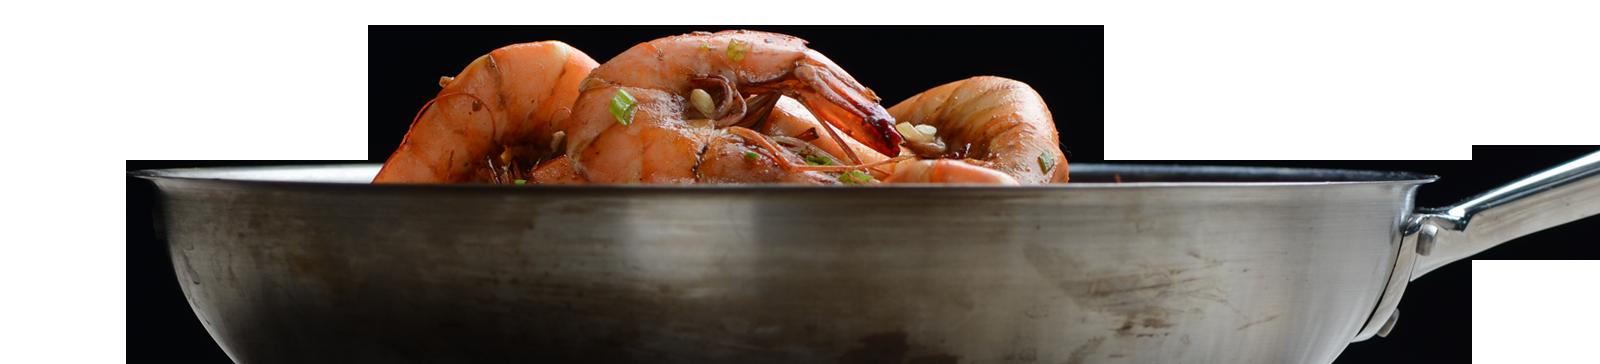 shrimp foods